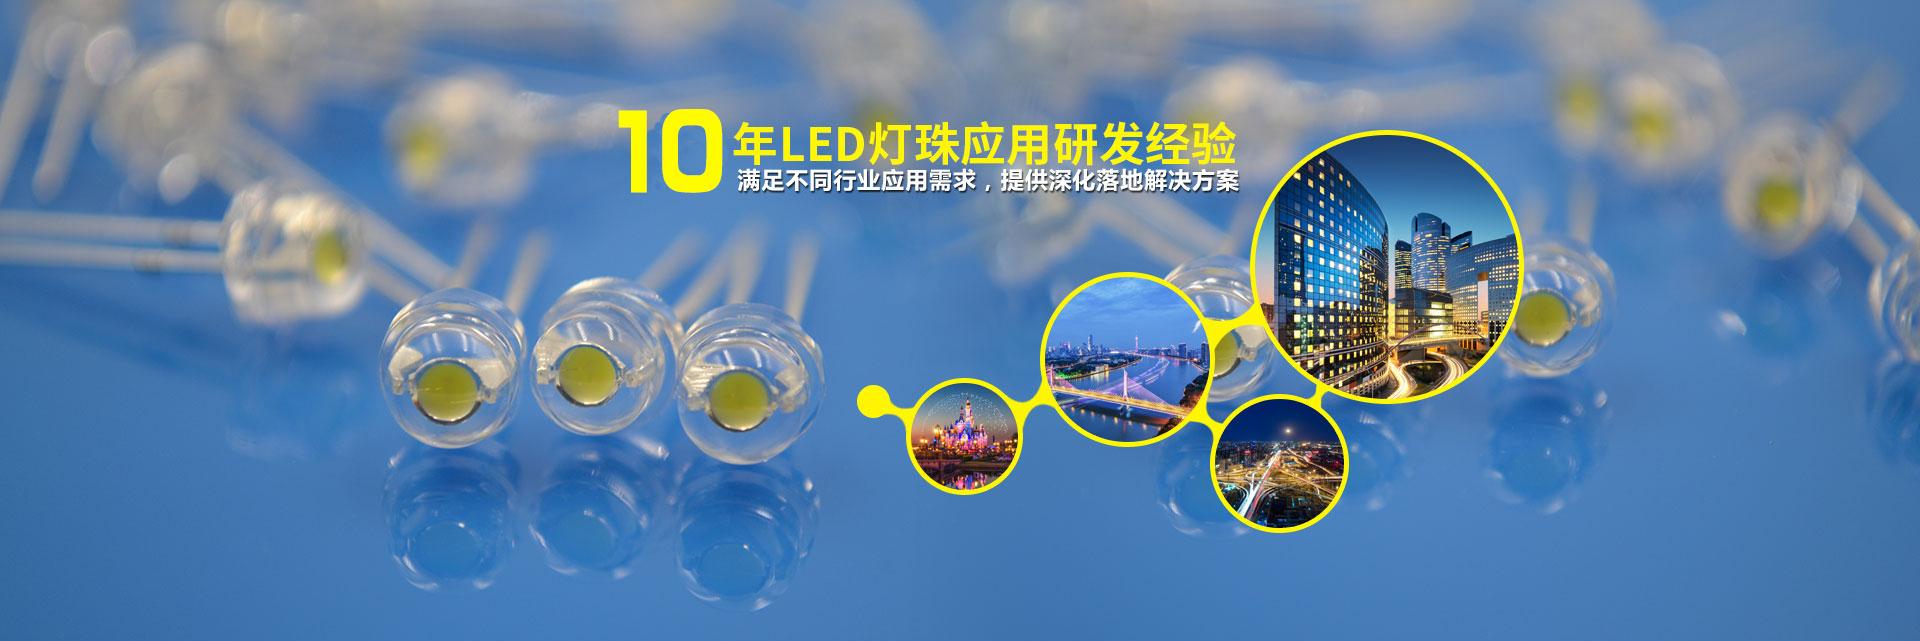 弘欣顺-20多年LED灯珠应用研发经验